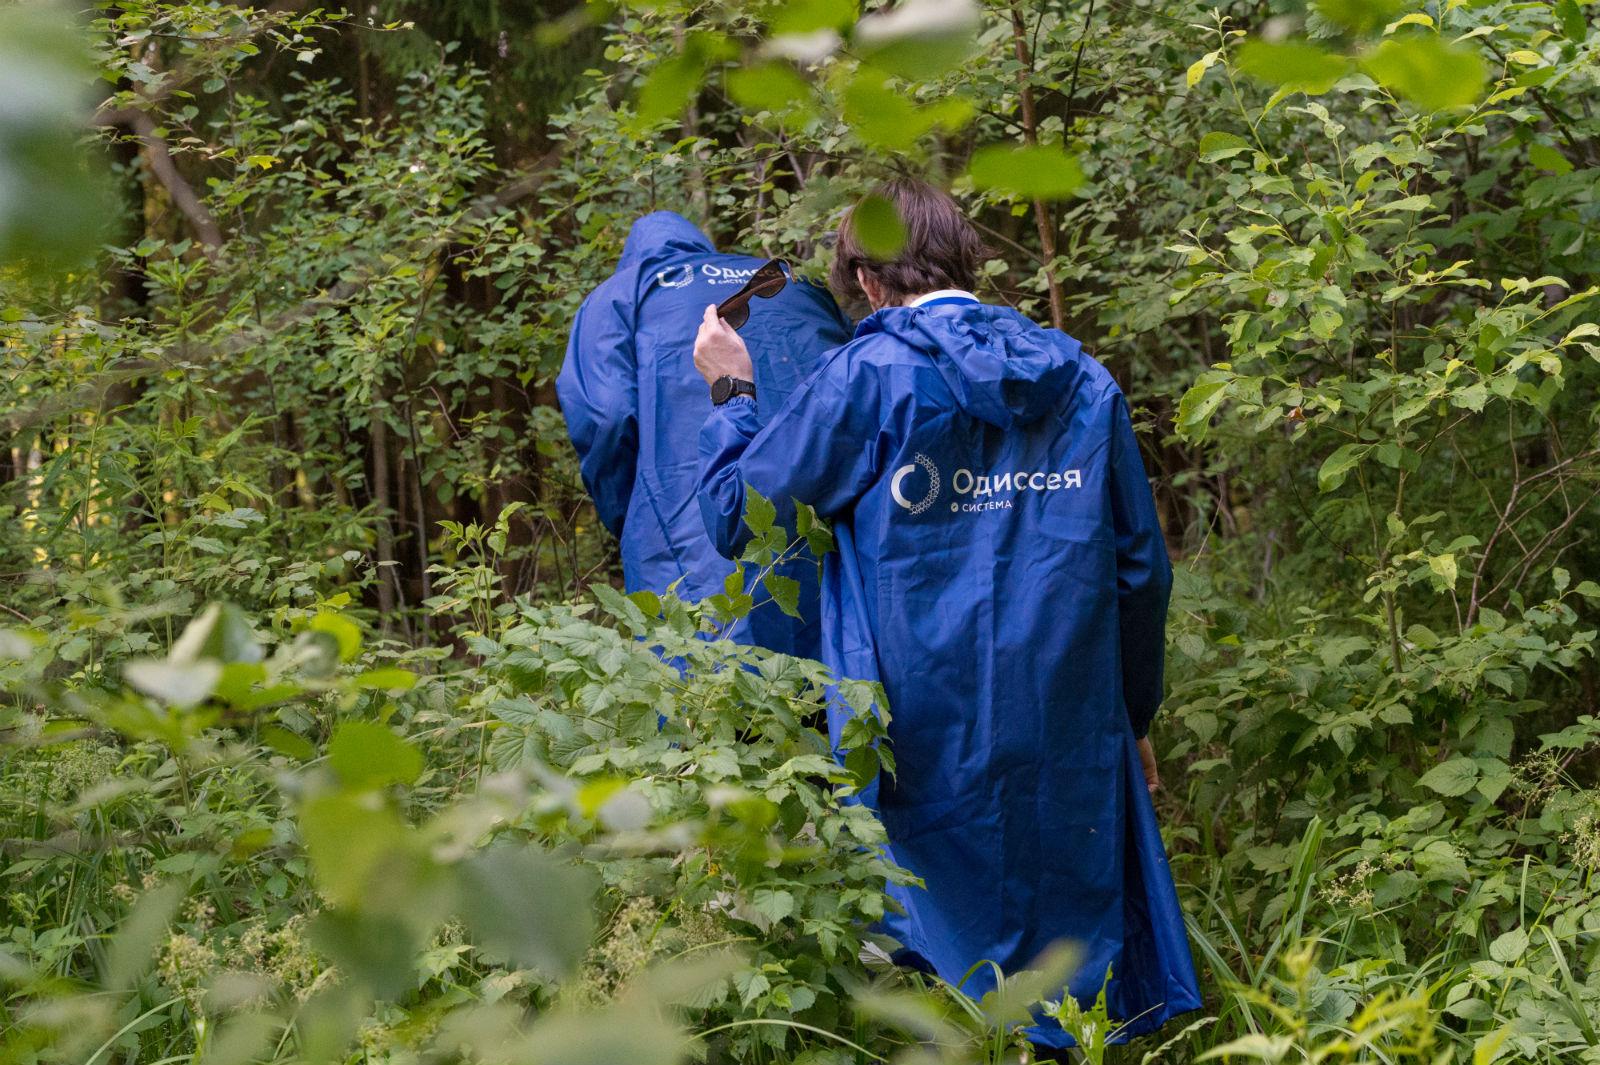 Инженеры спасают пропавших в лесу людей, но лес пока не сдается - 4